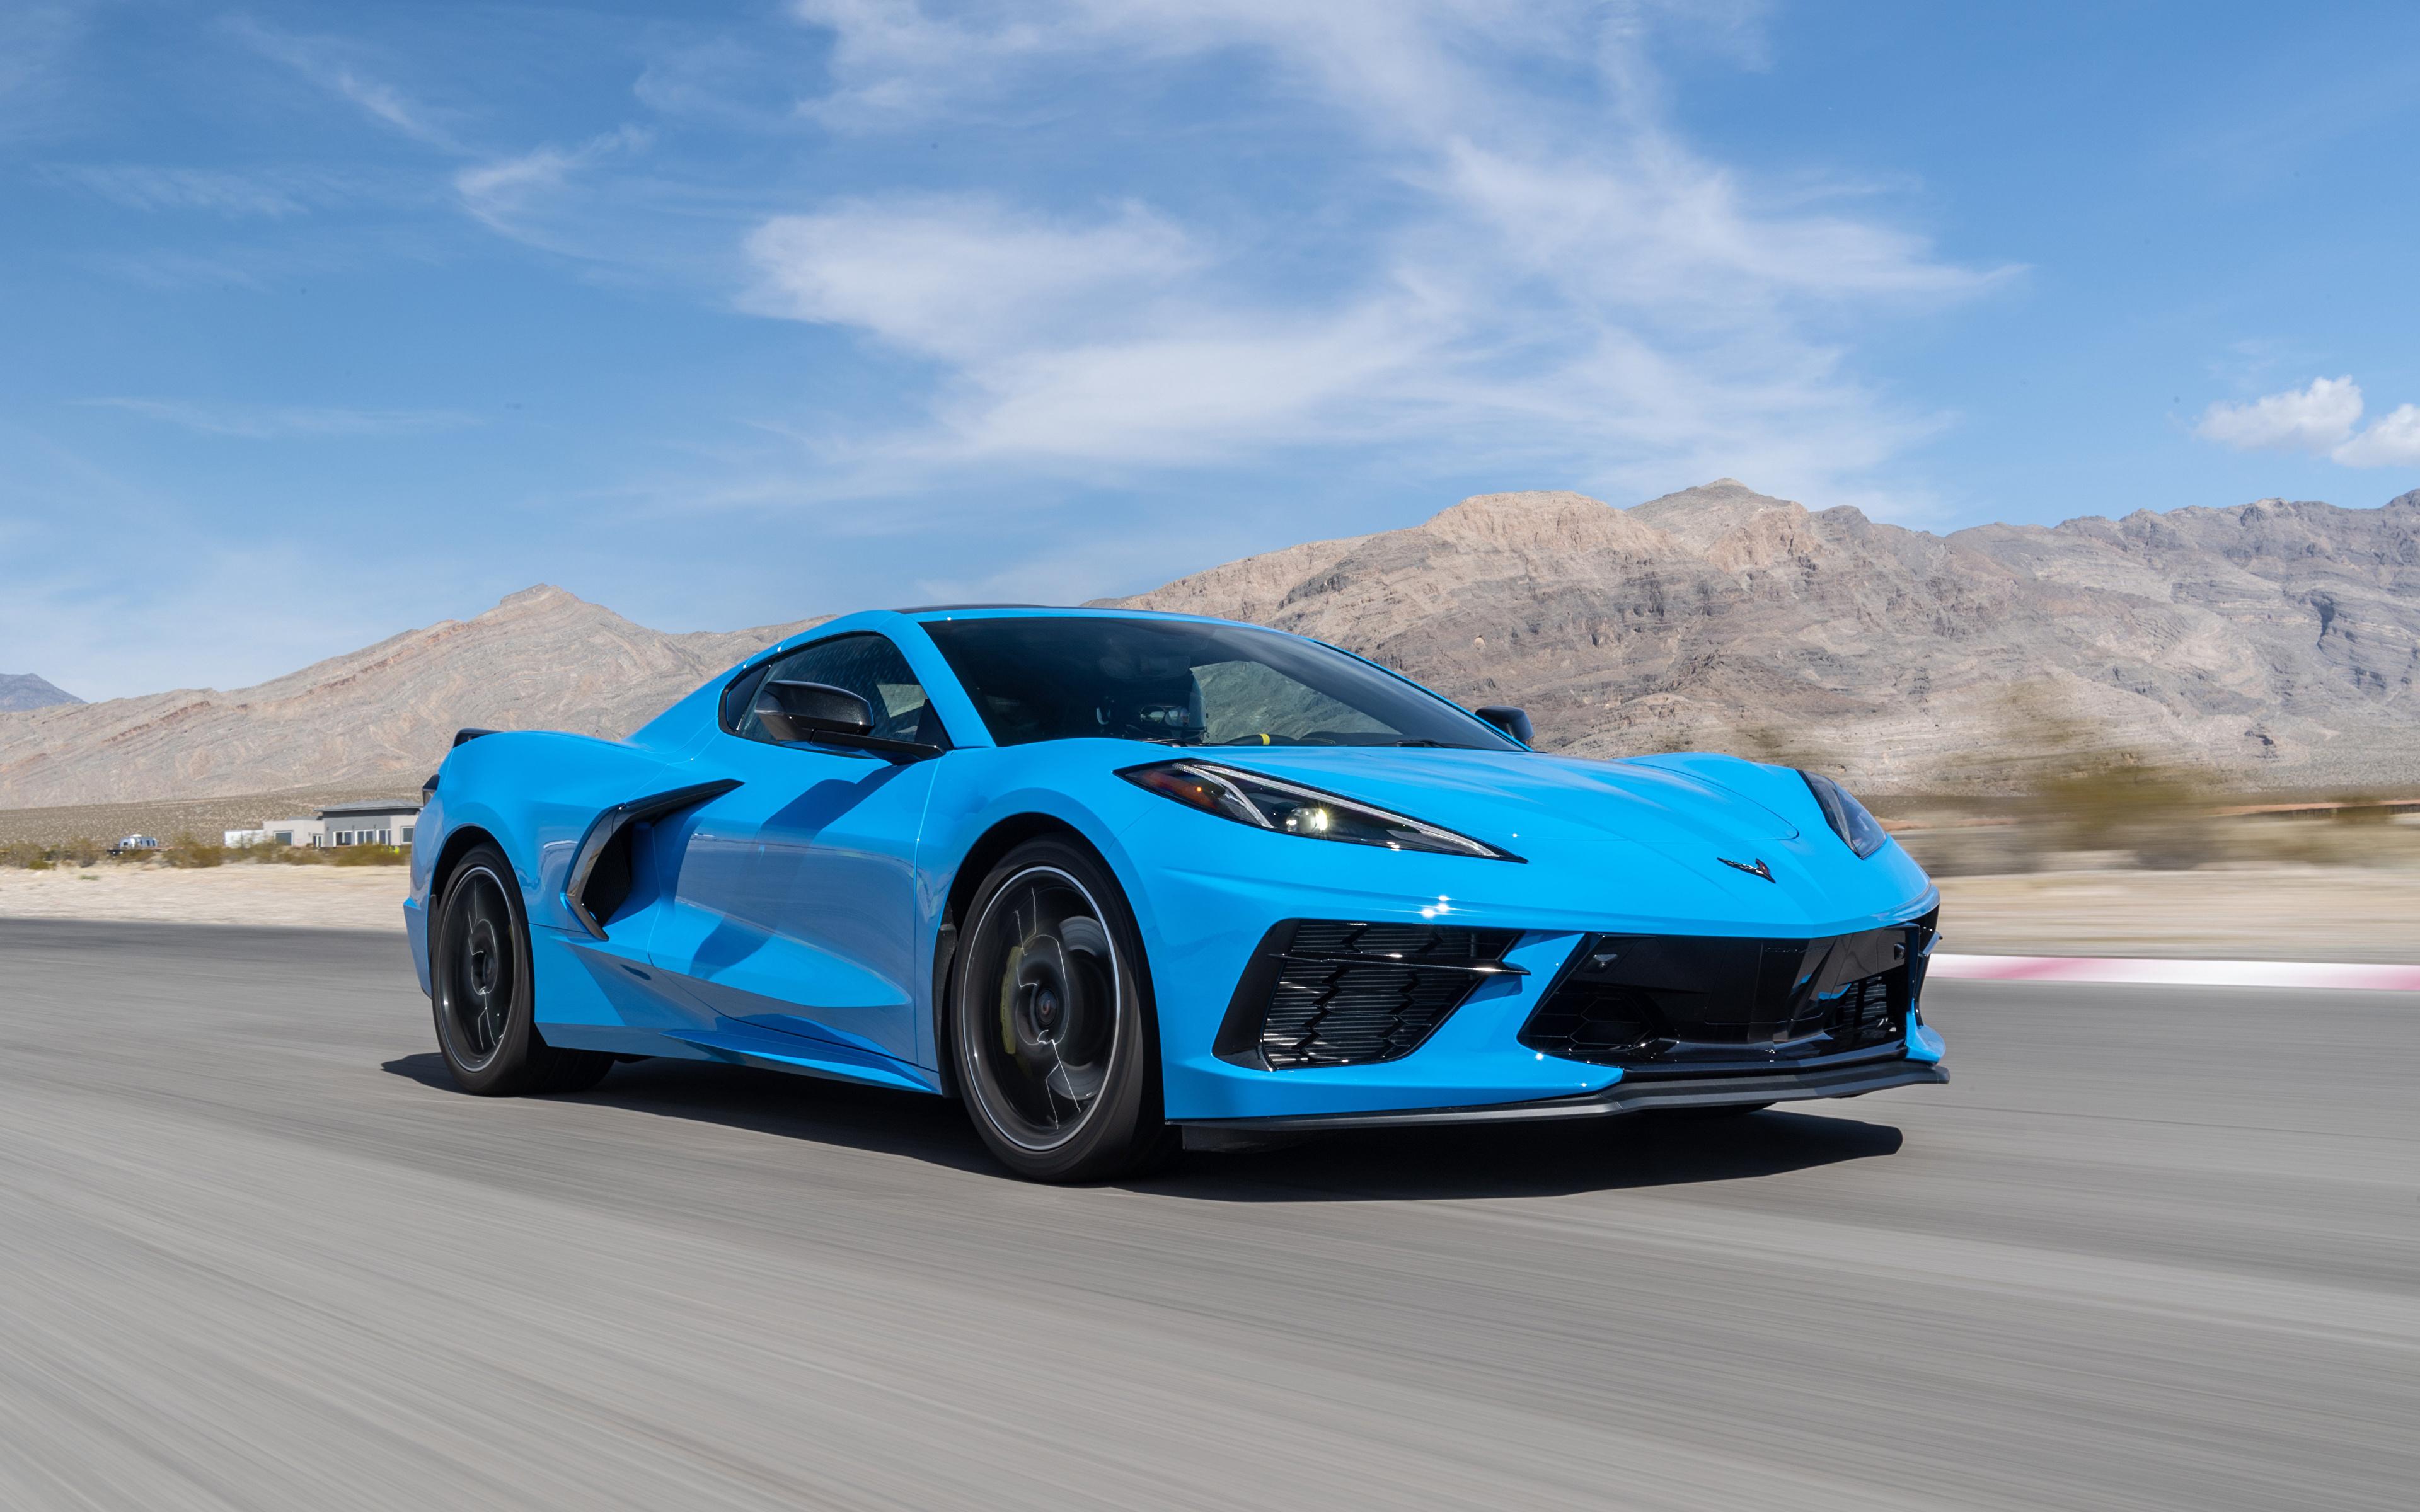 Картинки Chevrolet 2020 Corvette Stingray Z51 голубая едет авто 3840x2400 Шевроле Голубой голубые голубых едущий едущая скорость Движение машина машины Автомобили автомобиль